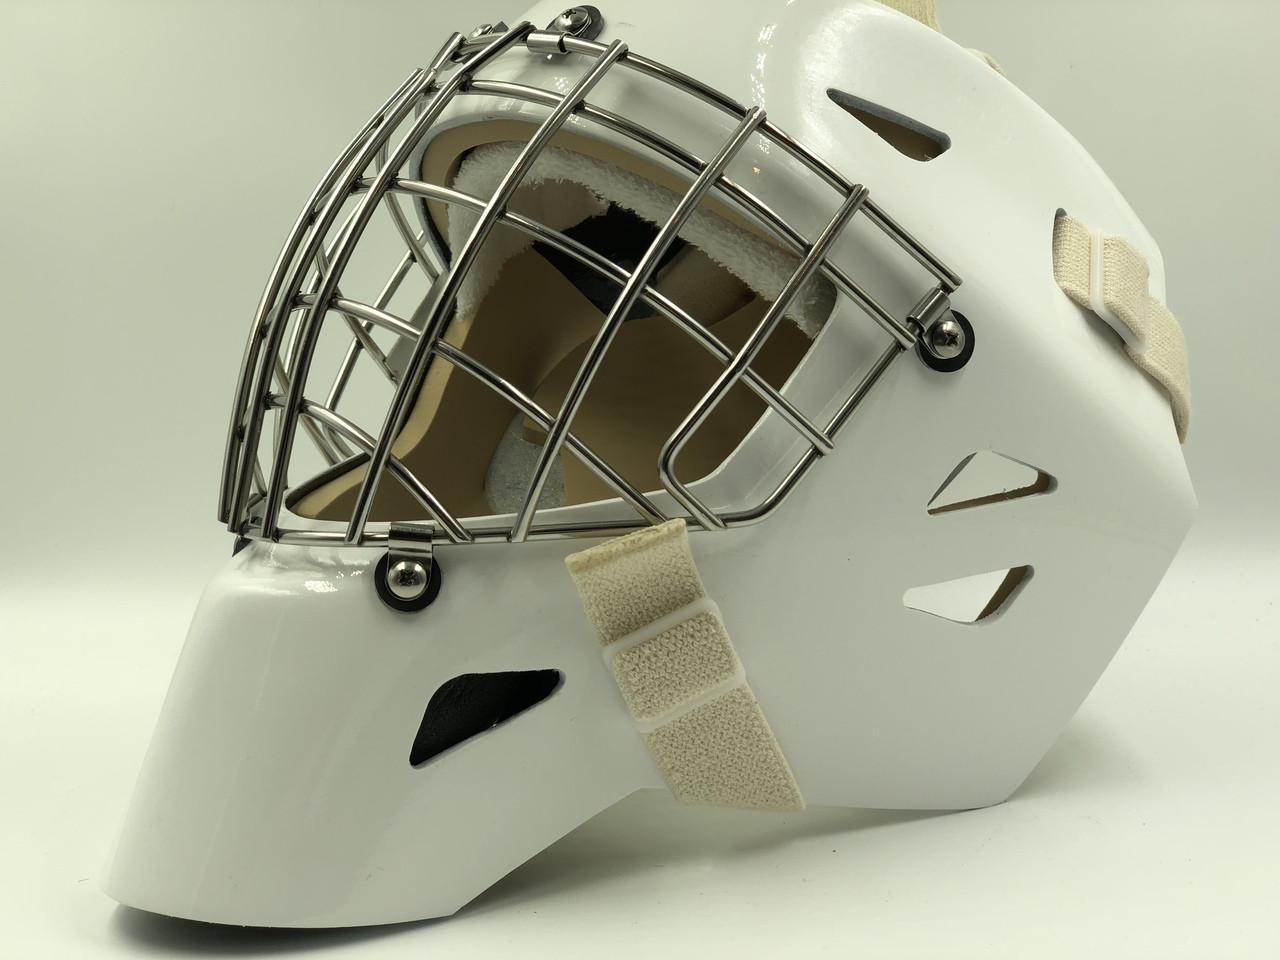 OTNY X1 Pro Goalie Mask